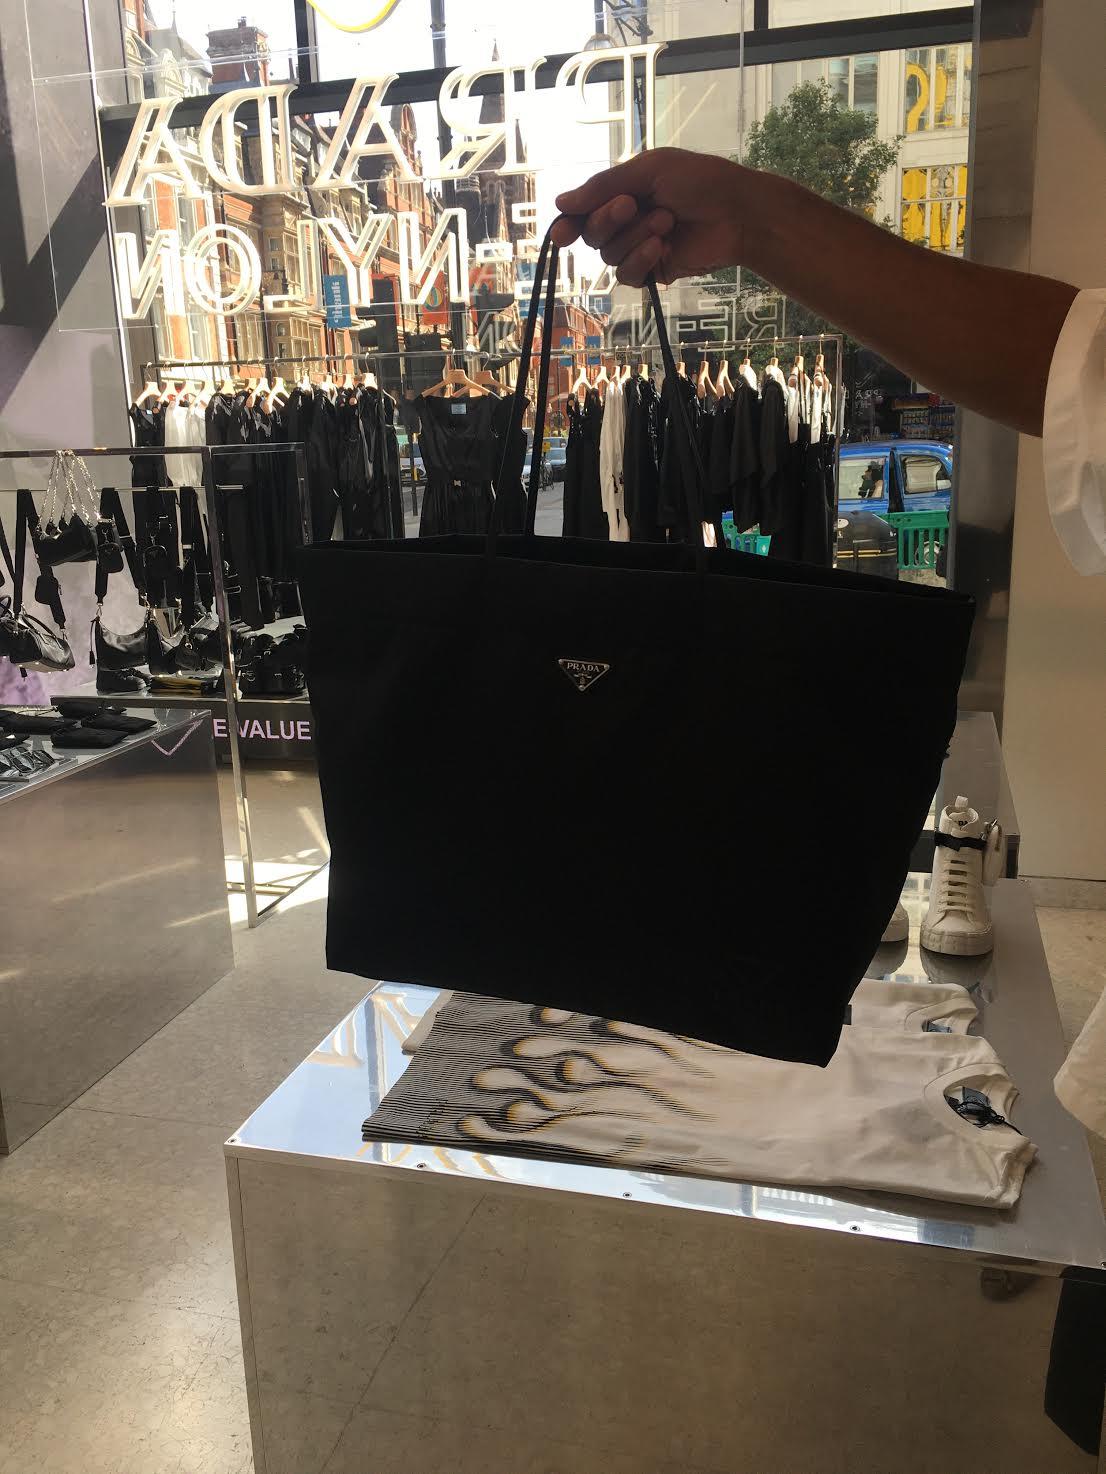 Prada Re-Nylon Collection Sustainable fashion